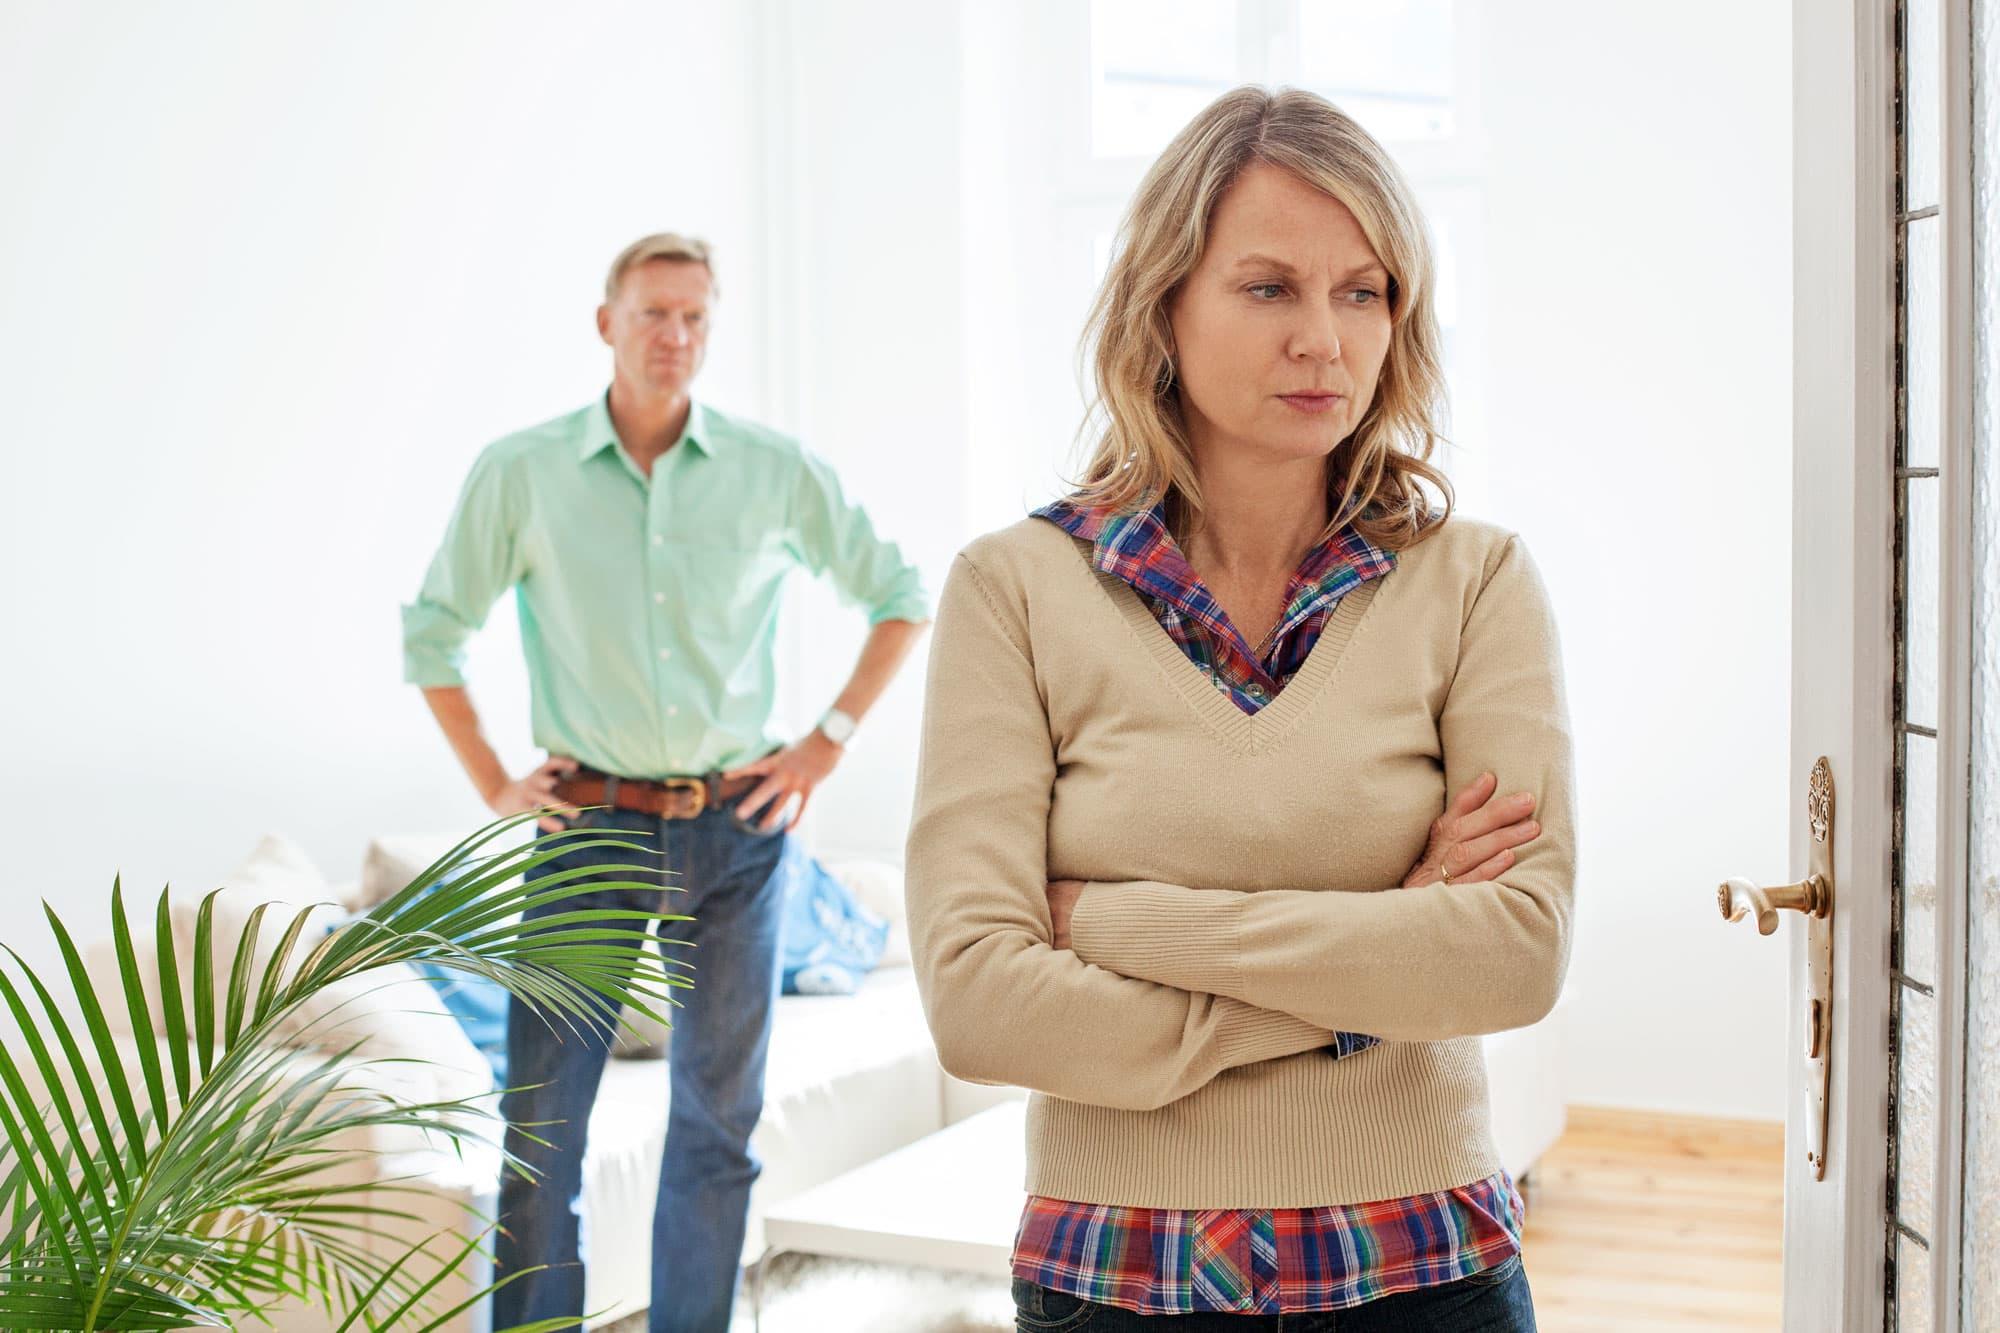 dangers of dating a man going through a divorce